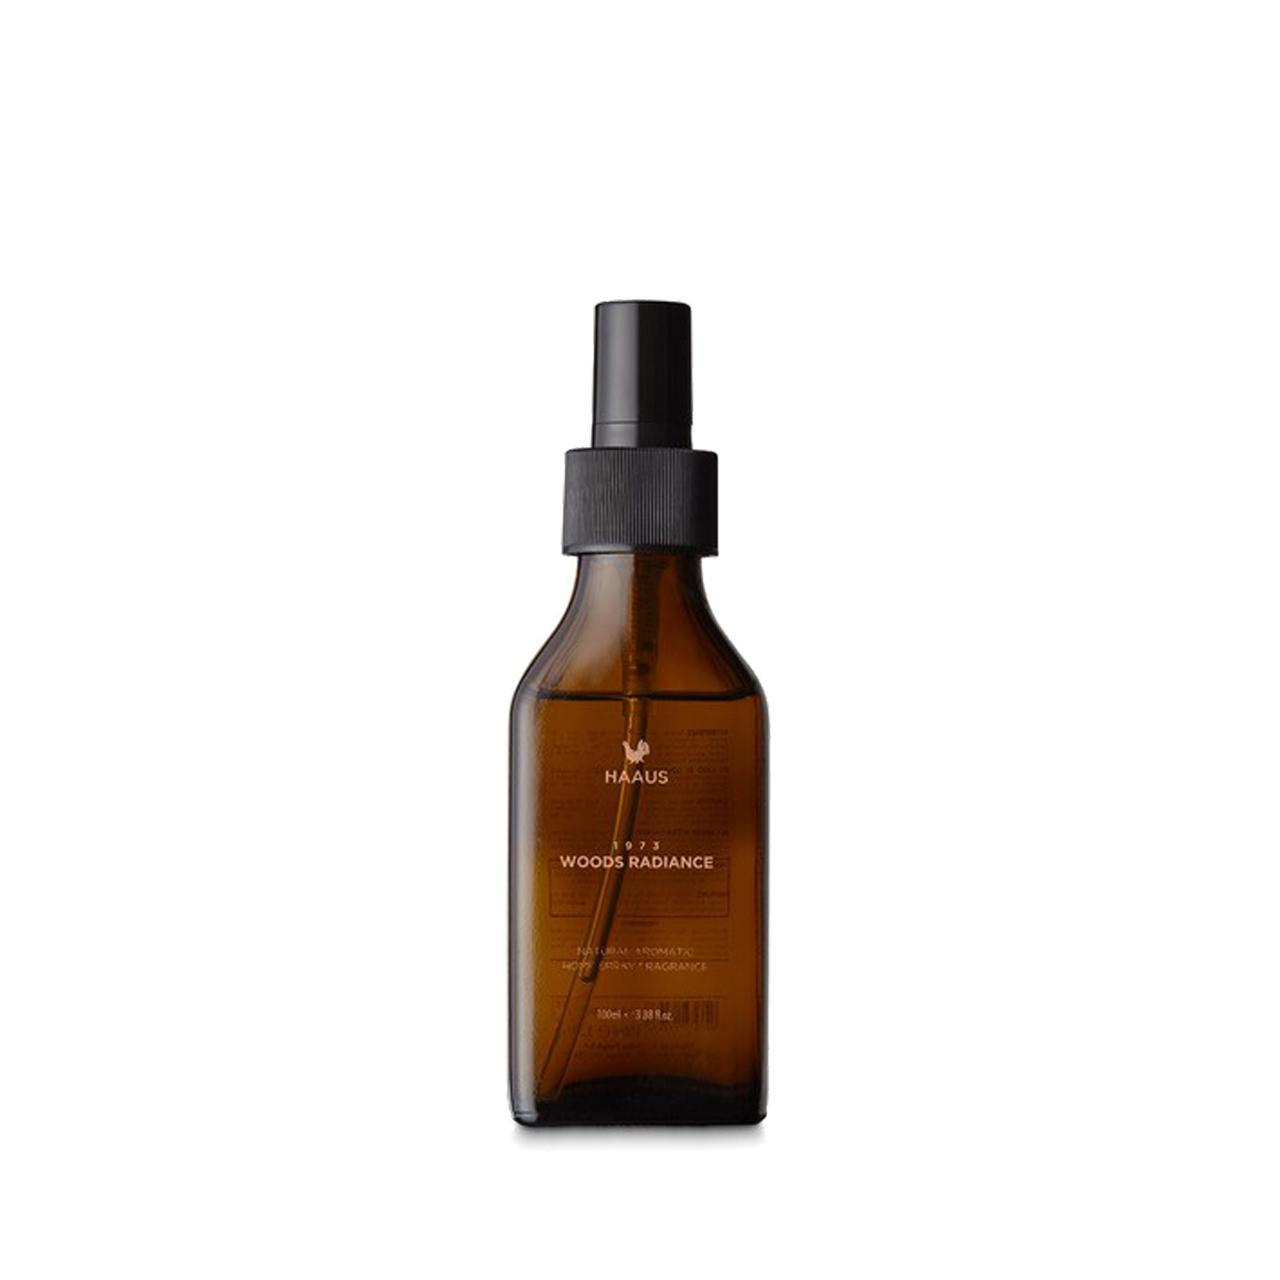 Woods Radiance - Room Fragrance